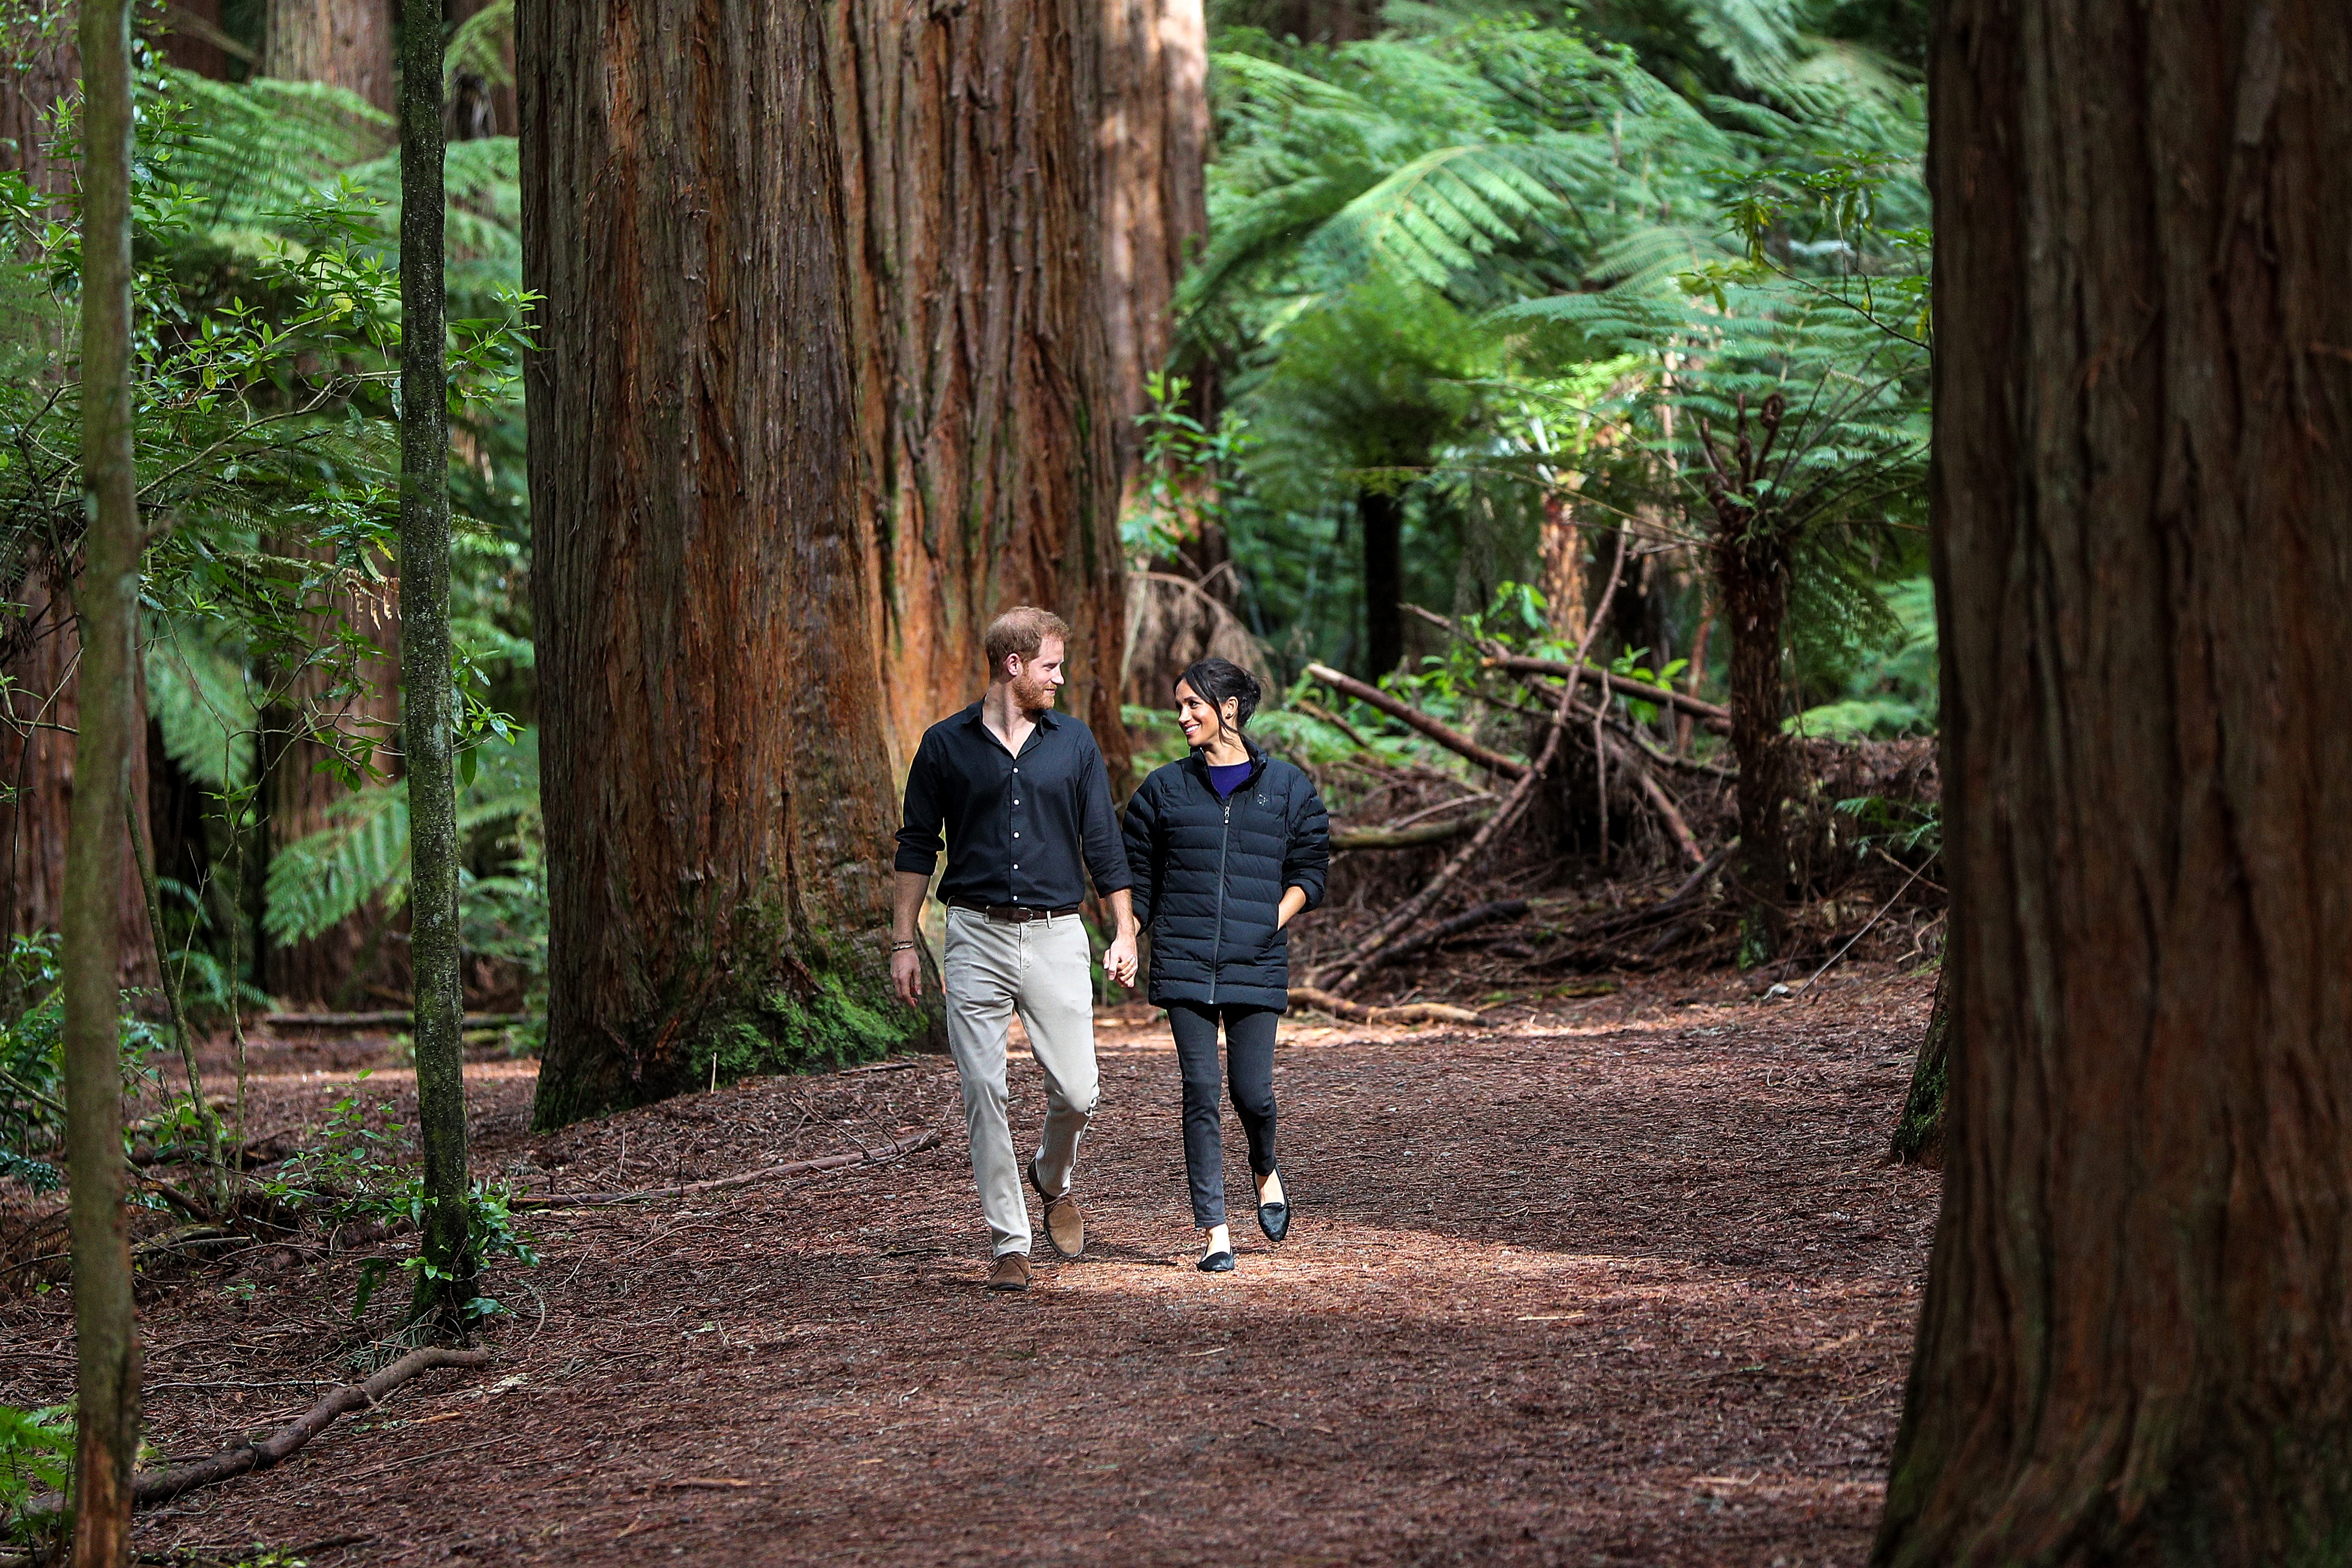 Кралското турне на принца и херцогинята в Австралия,Нова Зеландия, Фиджи и Тонга, което продълже 16 дни.